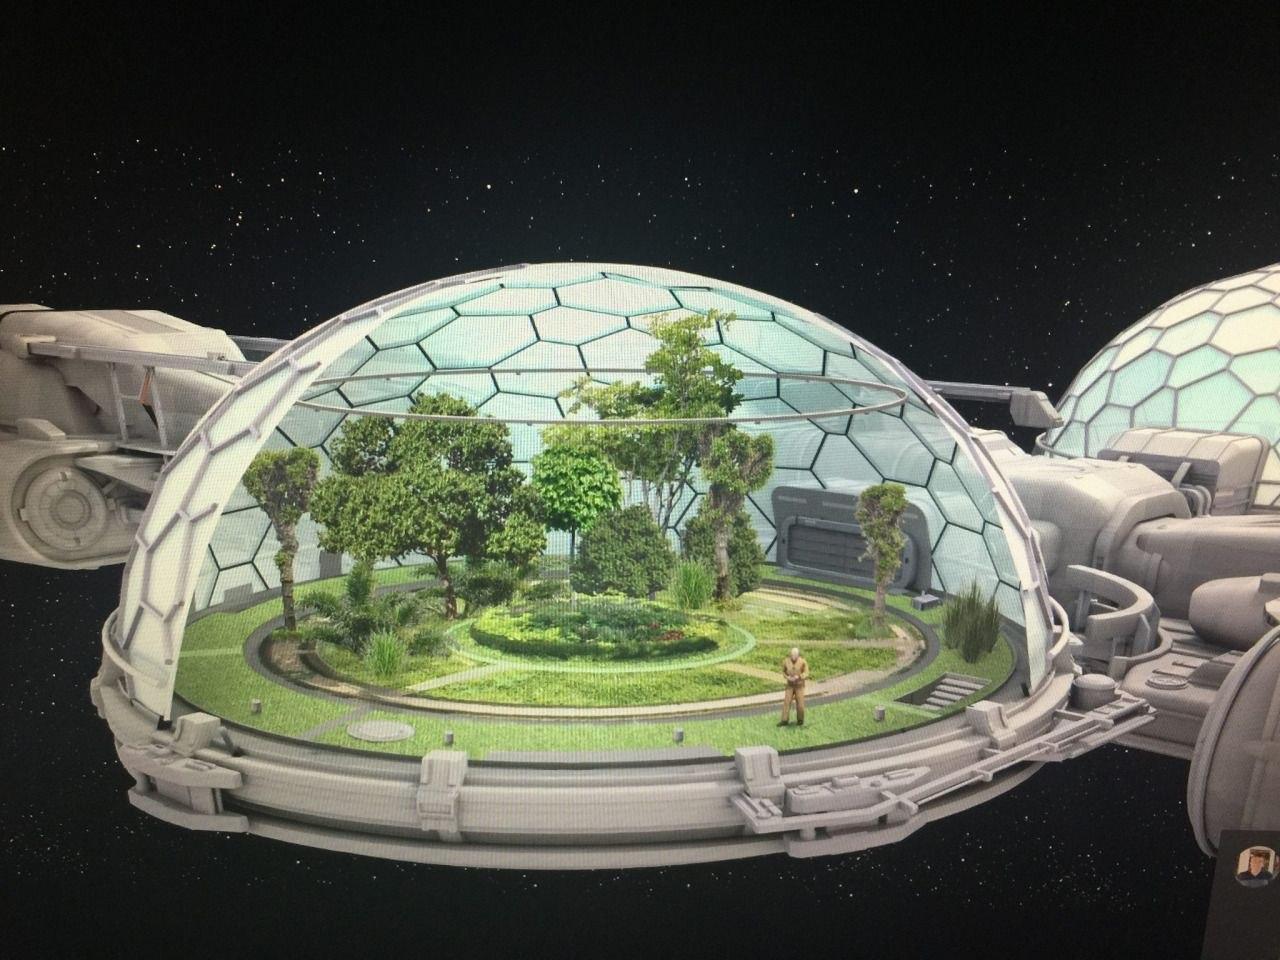 Уникальный дом - геодезический купол из стекла и металла